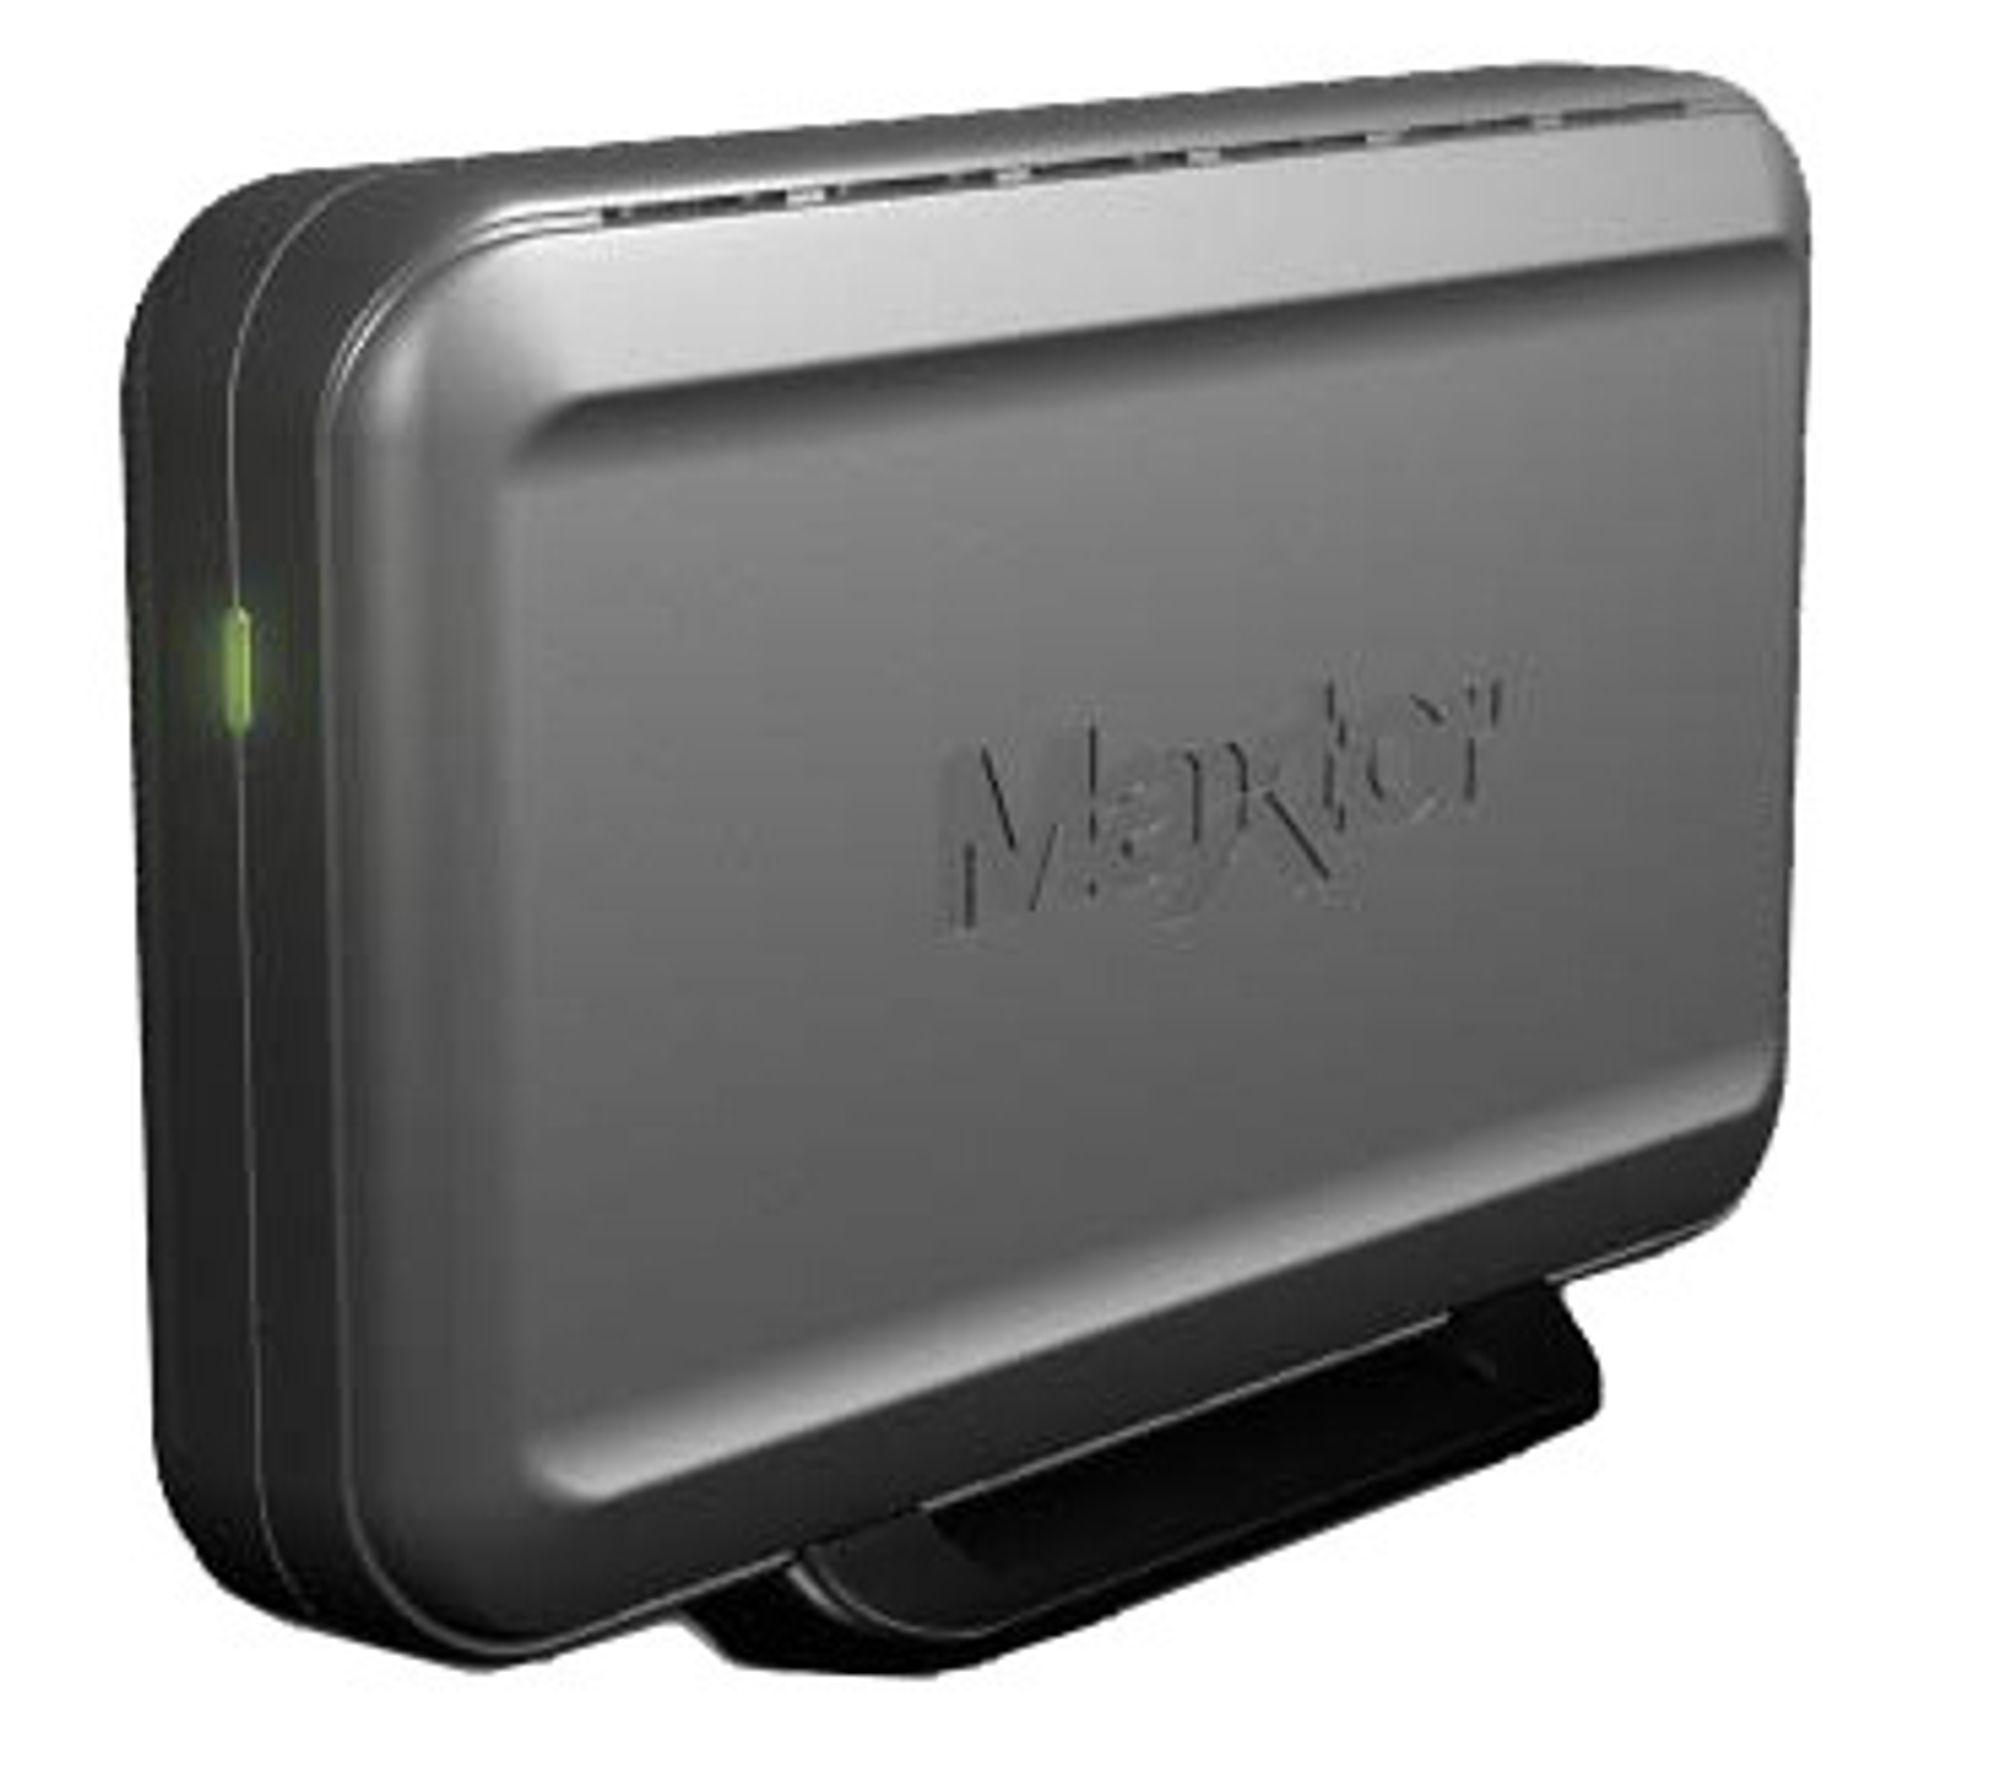 <em>Et produkt fra Personal Storage 3200-serien</em>